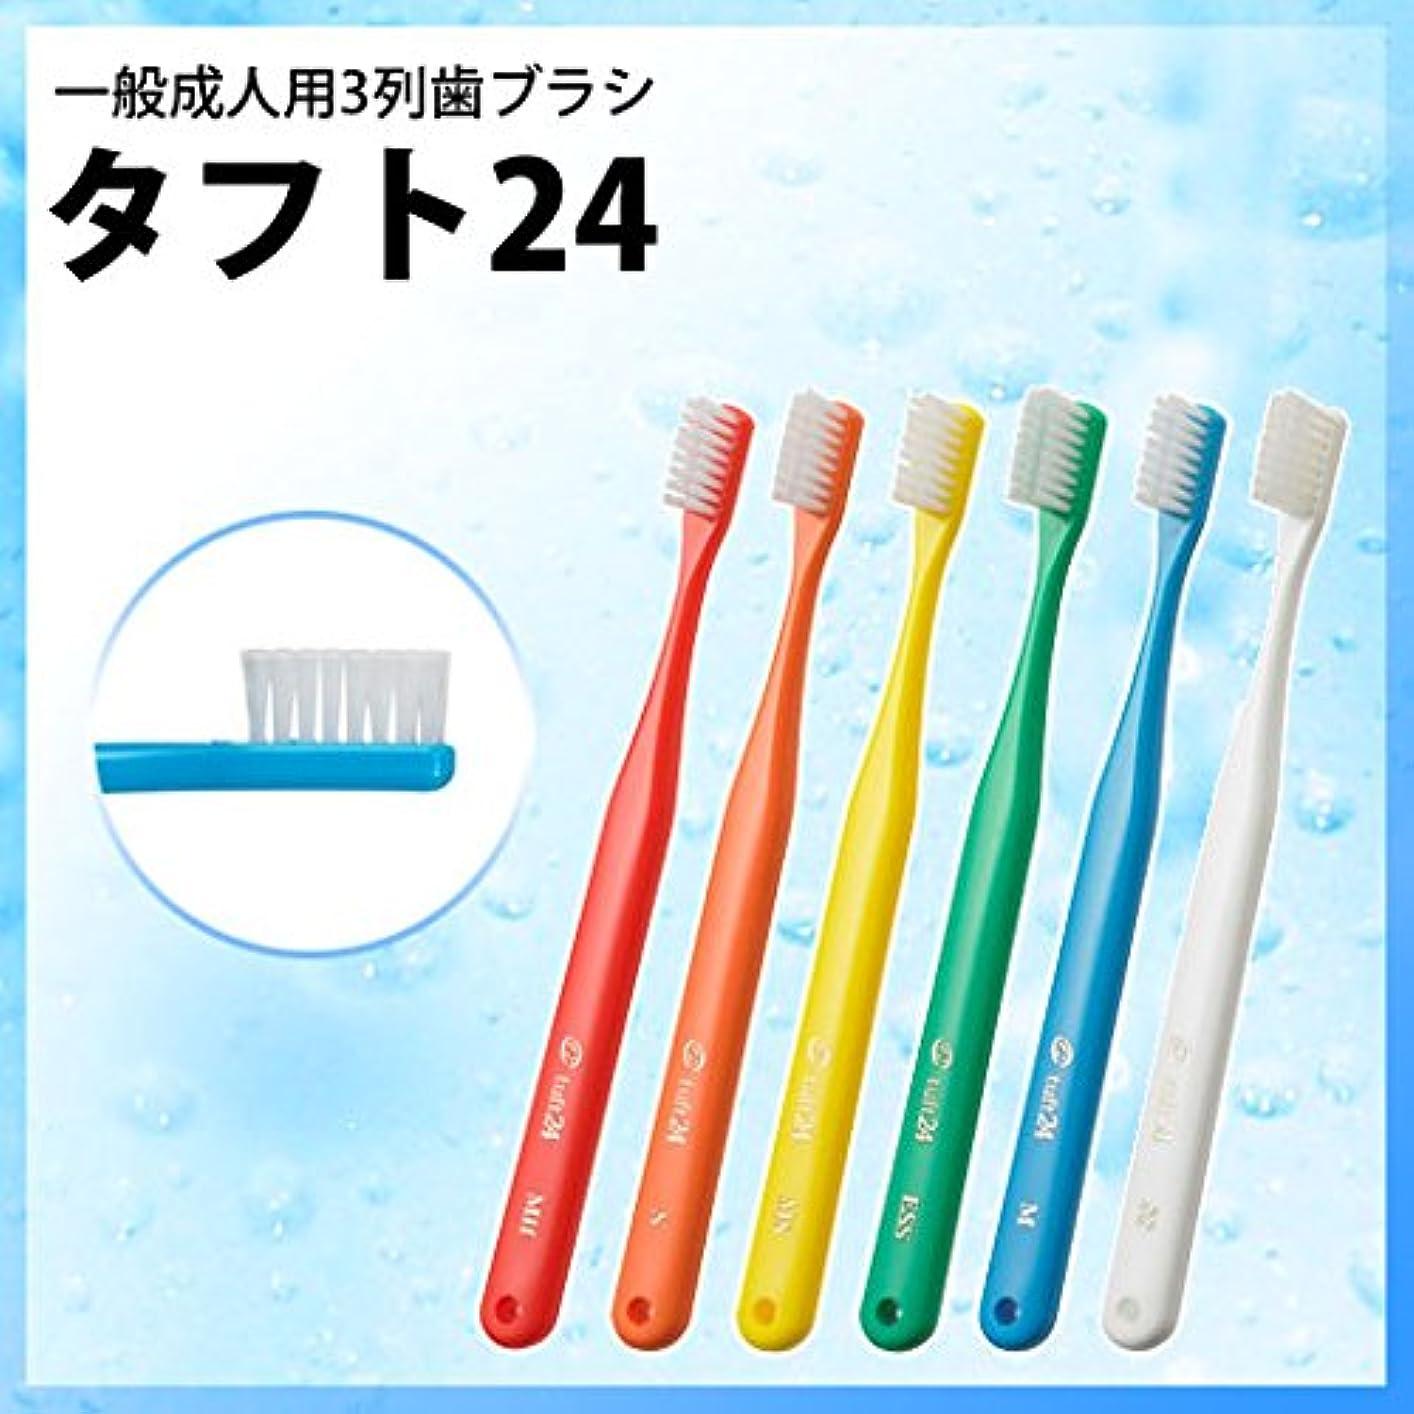 マルコポーロふさわしい謙虚なタフト24 歯ブラシ 5本セット SS キャップなし (イエロー)